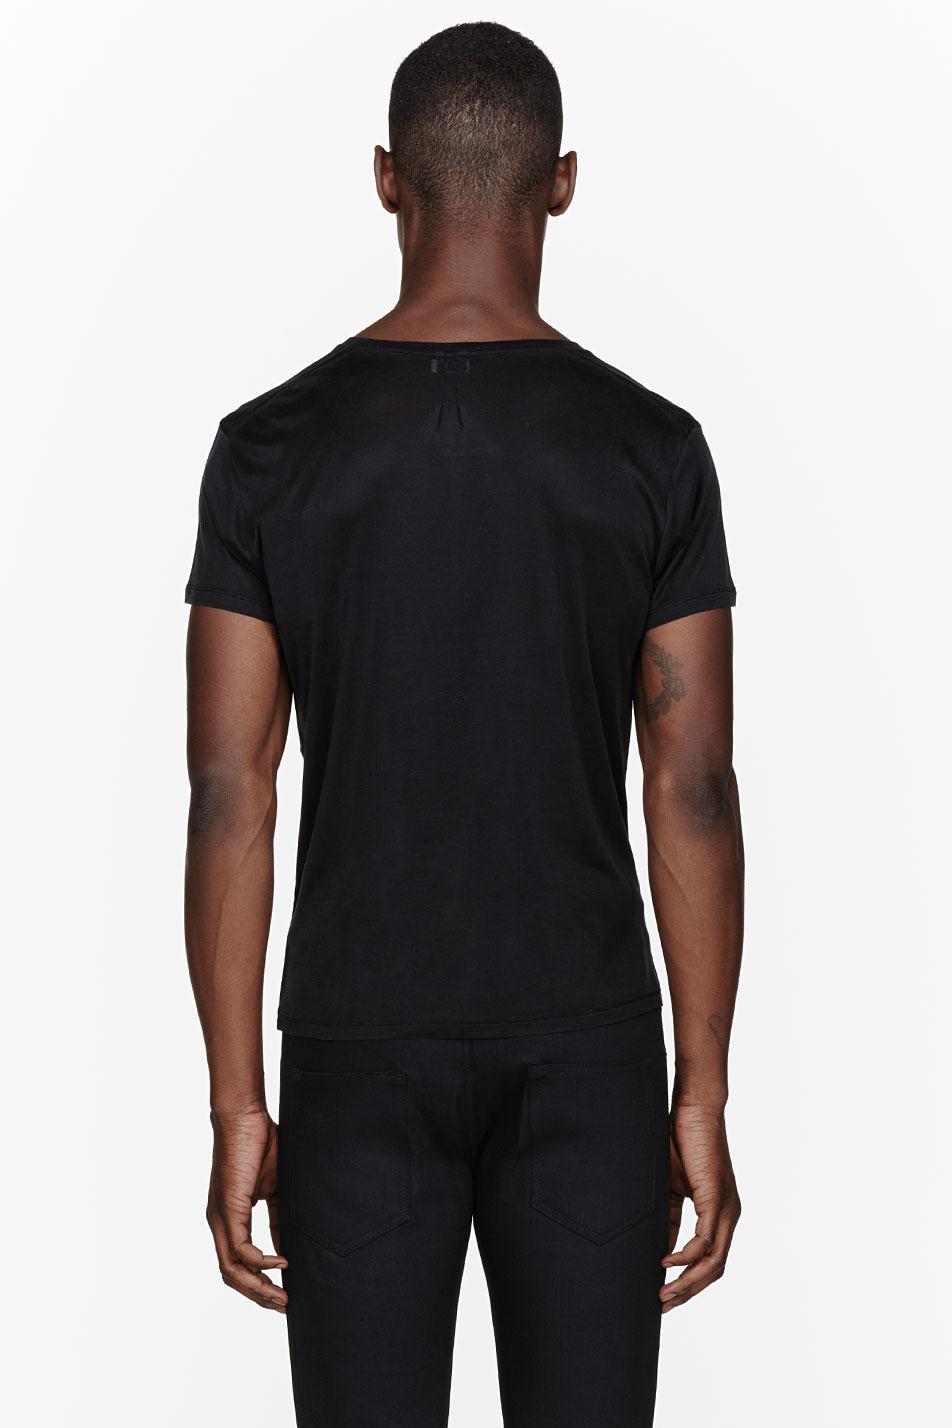 saint laurent black silk chain trimmed pocket t shirt in. Black Bedroom Furniture Sets. Home Design Ideas